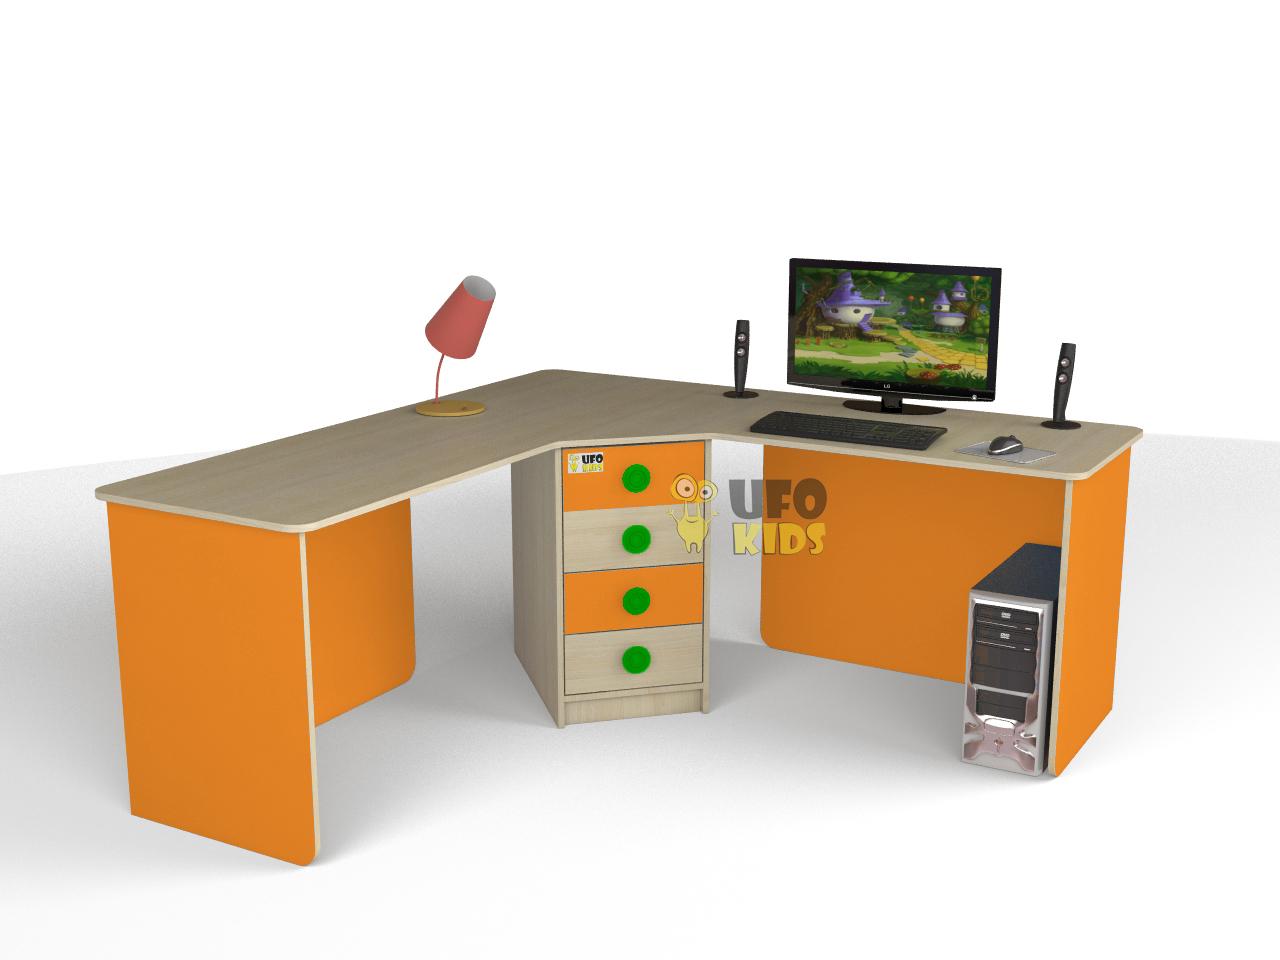 купить стол угловой для двоих детей флайя C005 недорогие детские